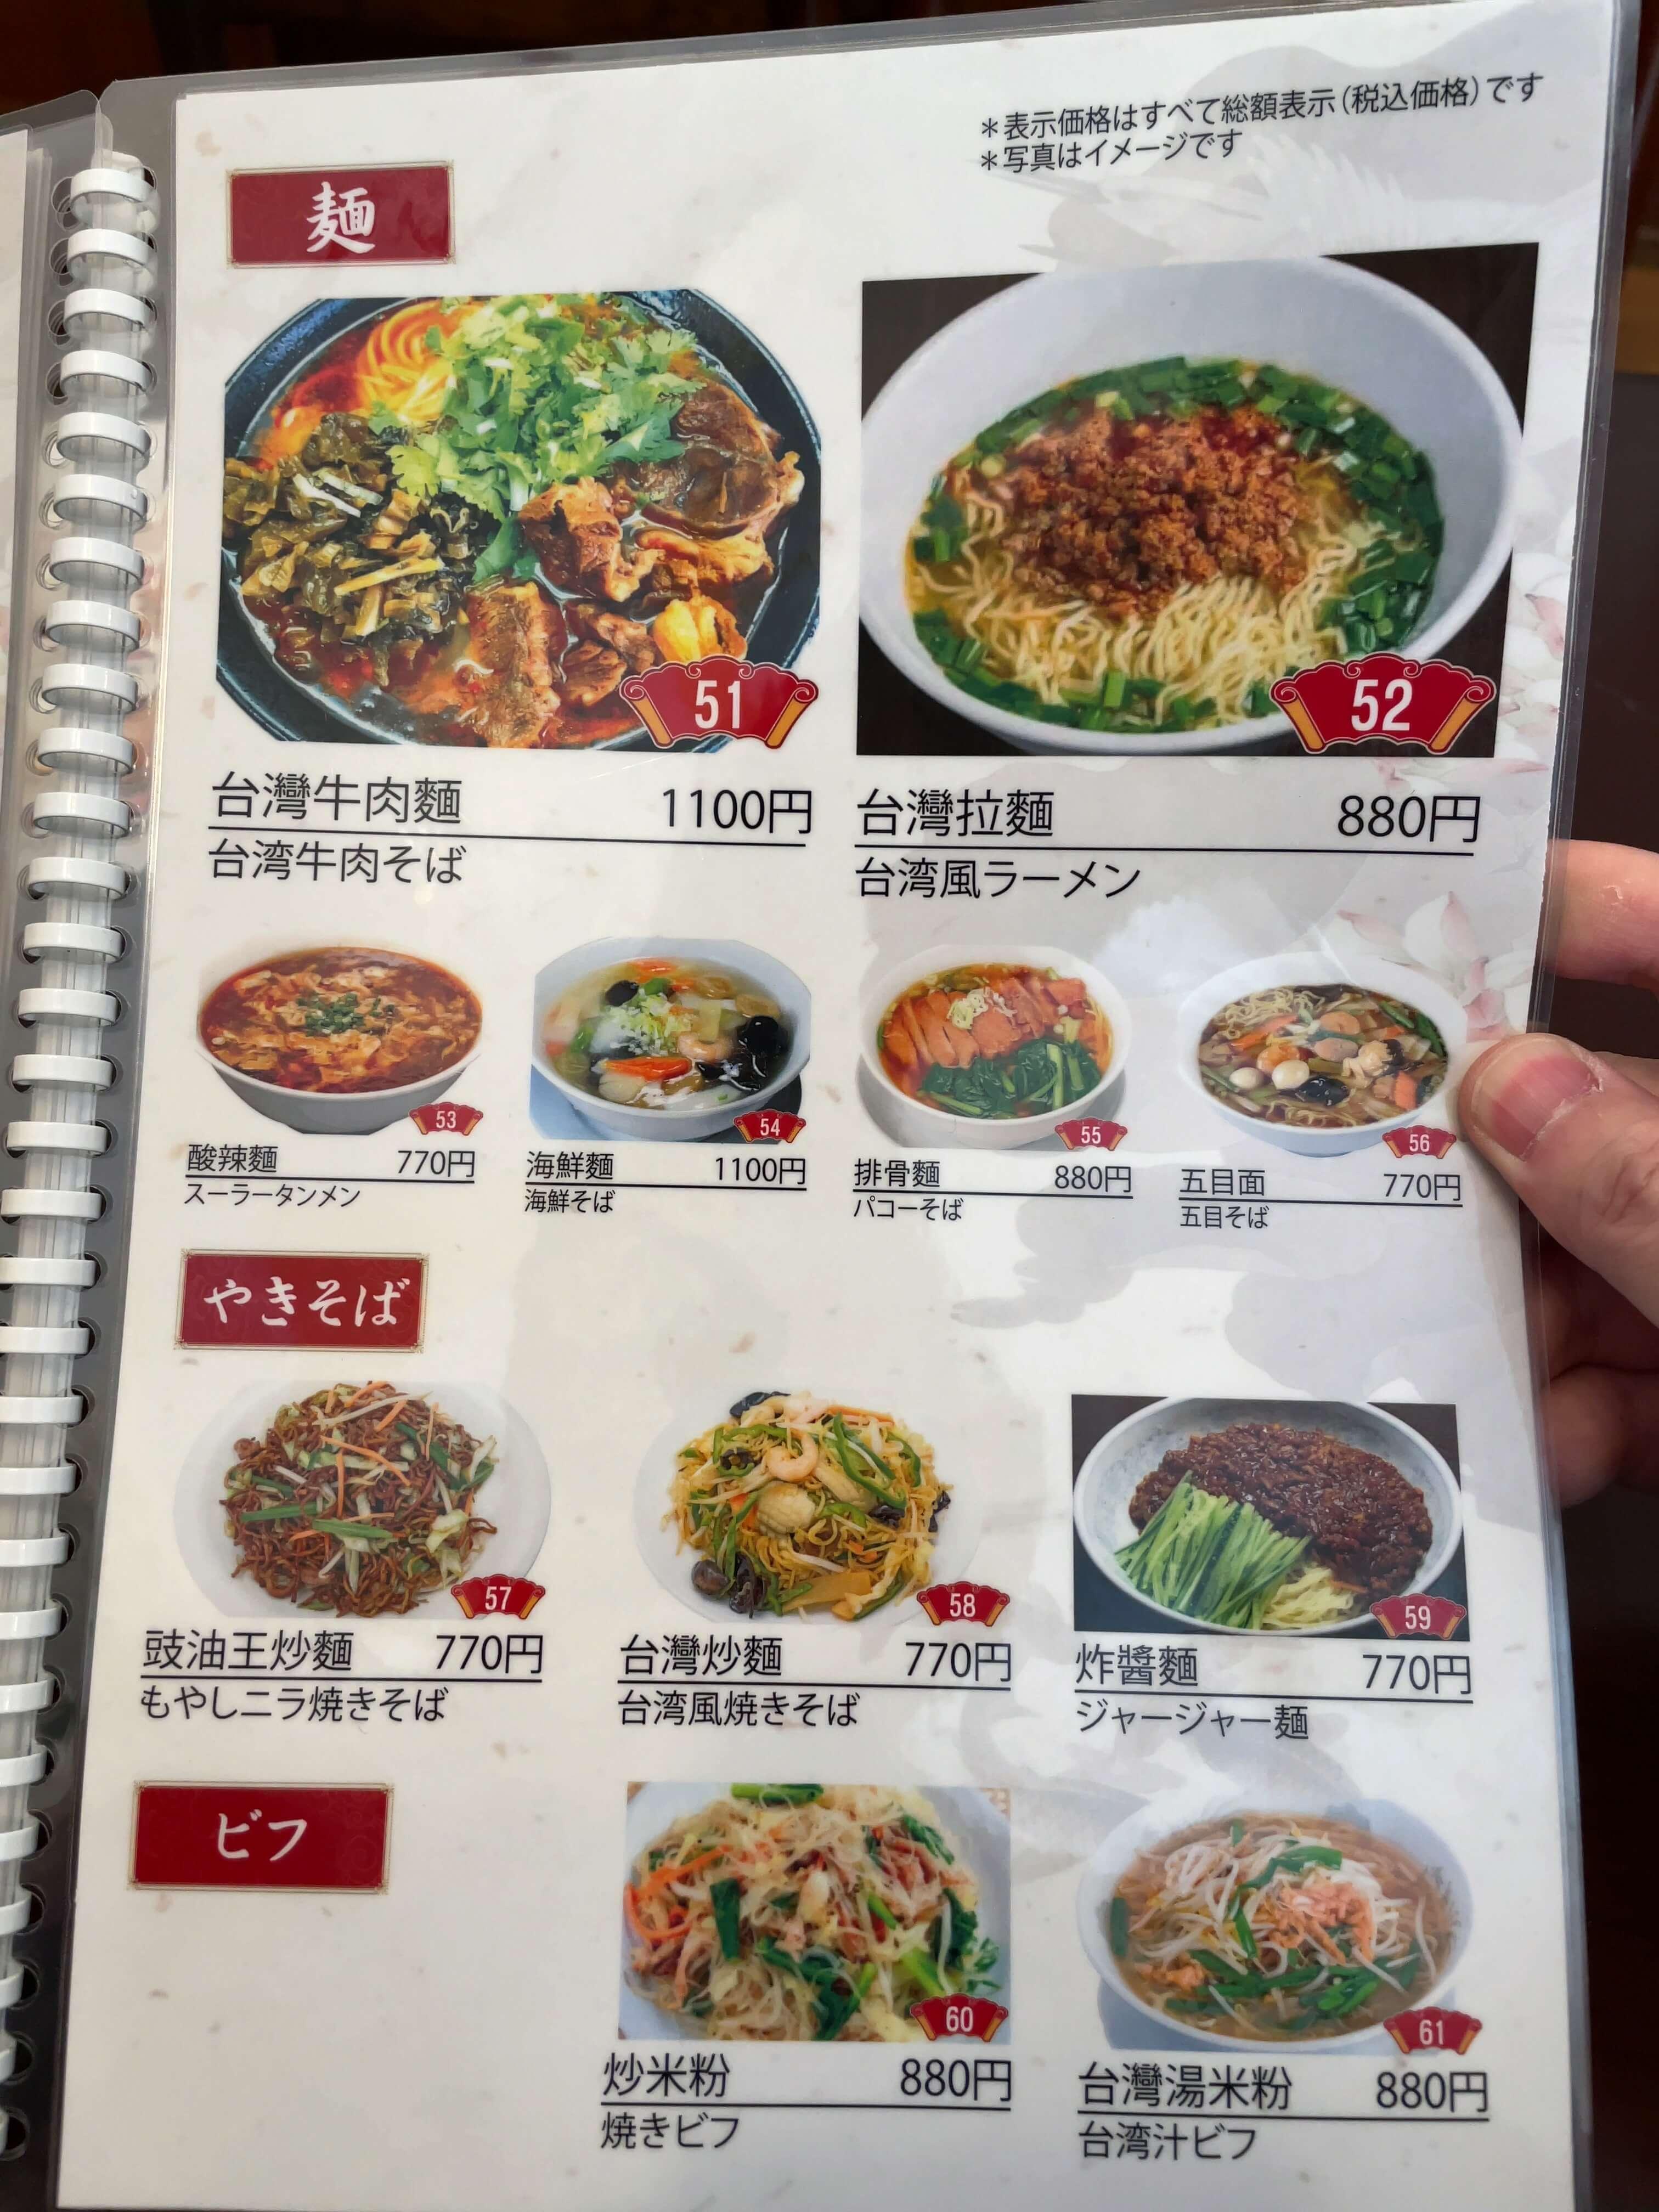 台湾菜館 2021.03.29